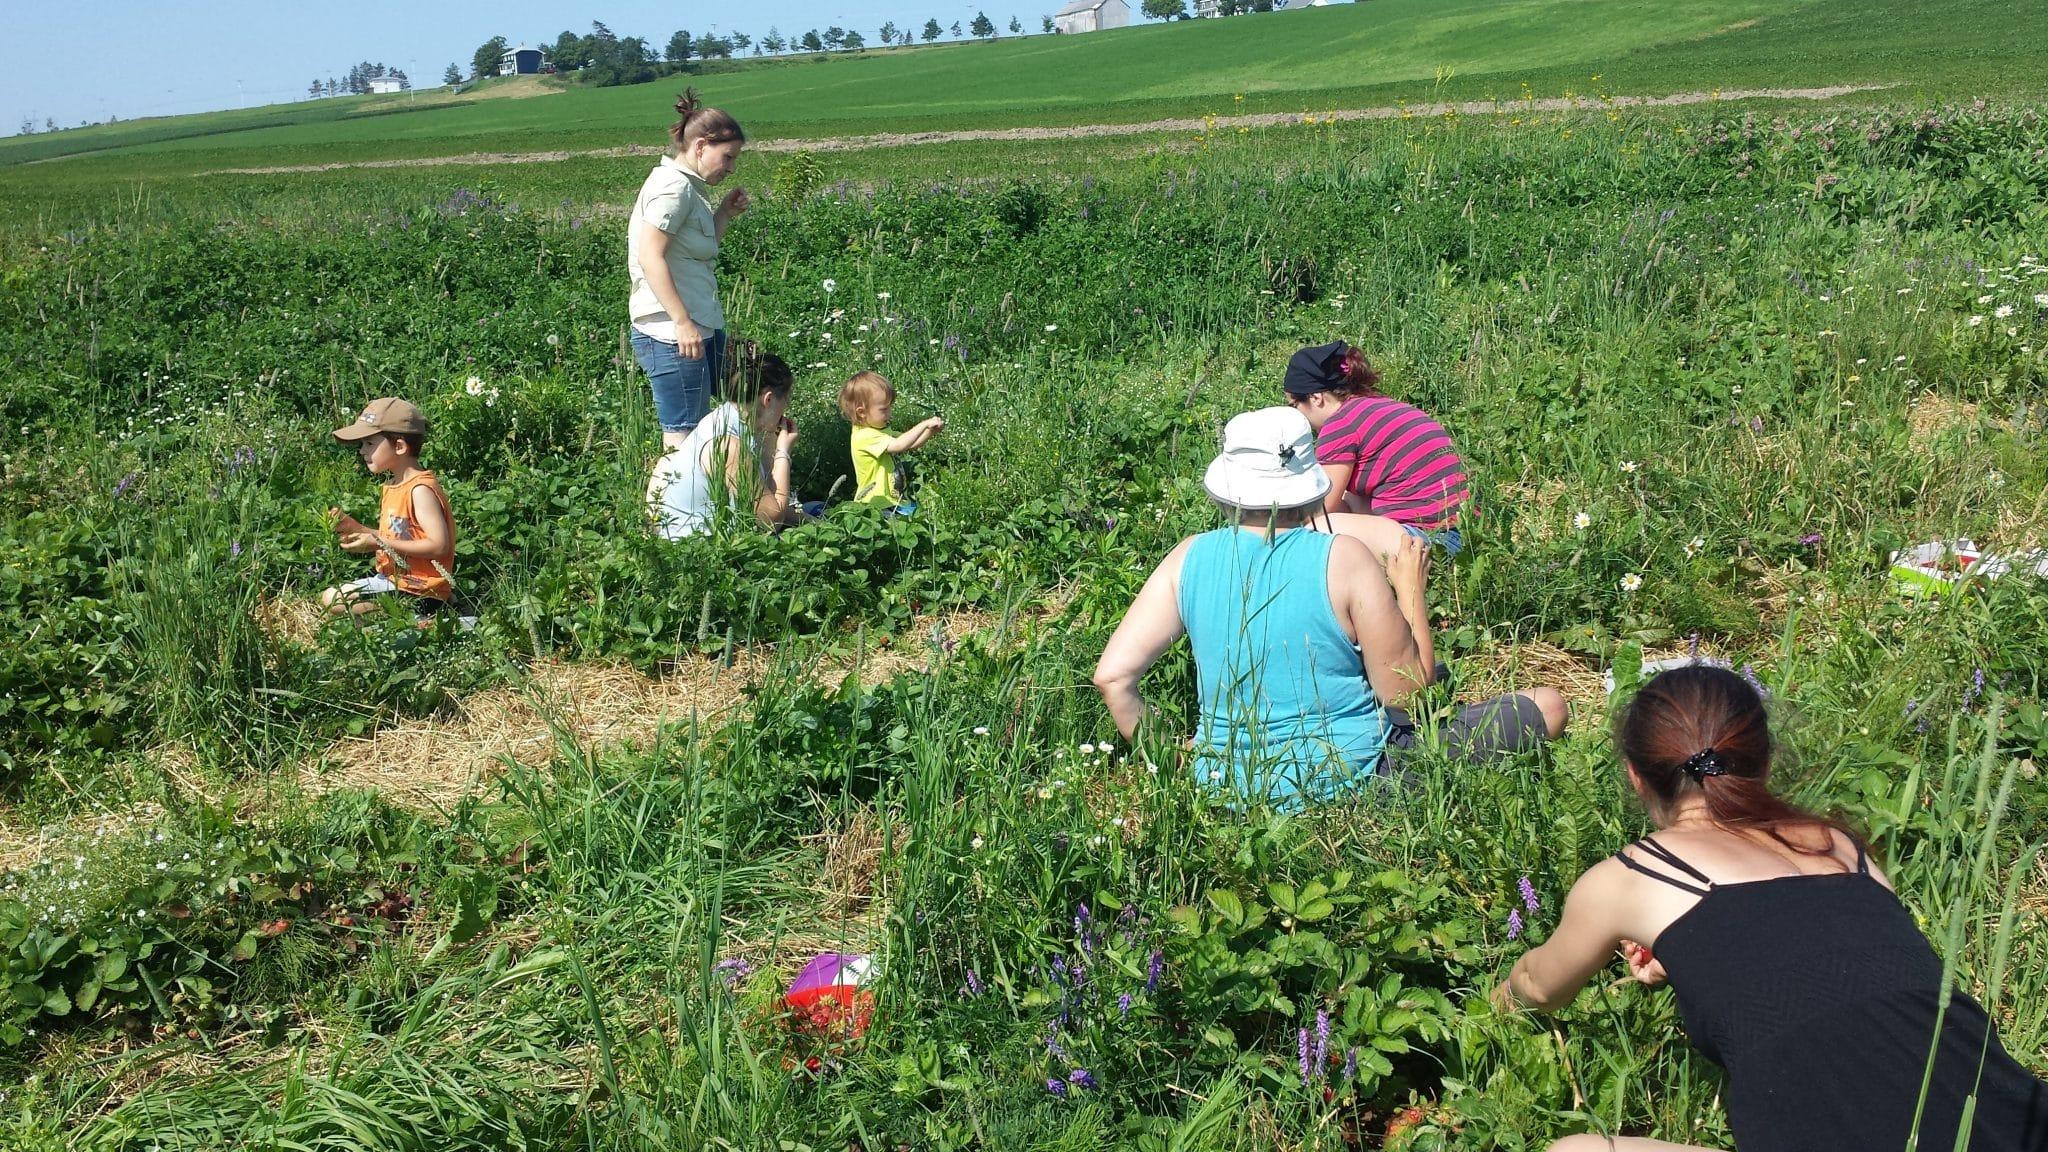 Jardiniers dans un champ